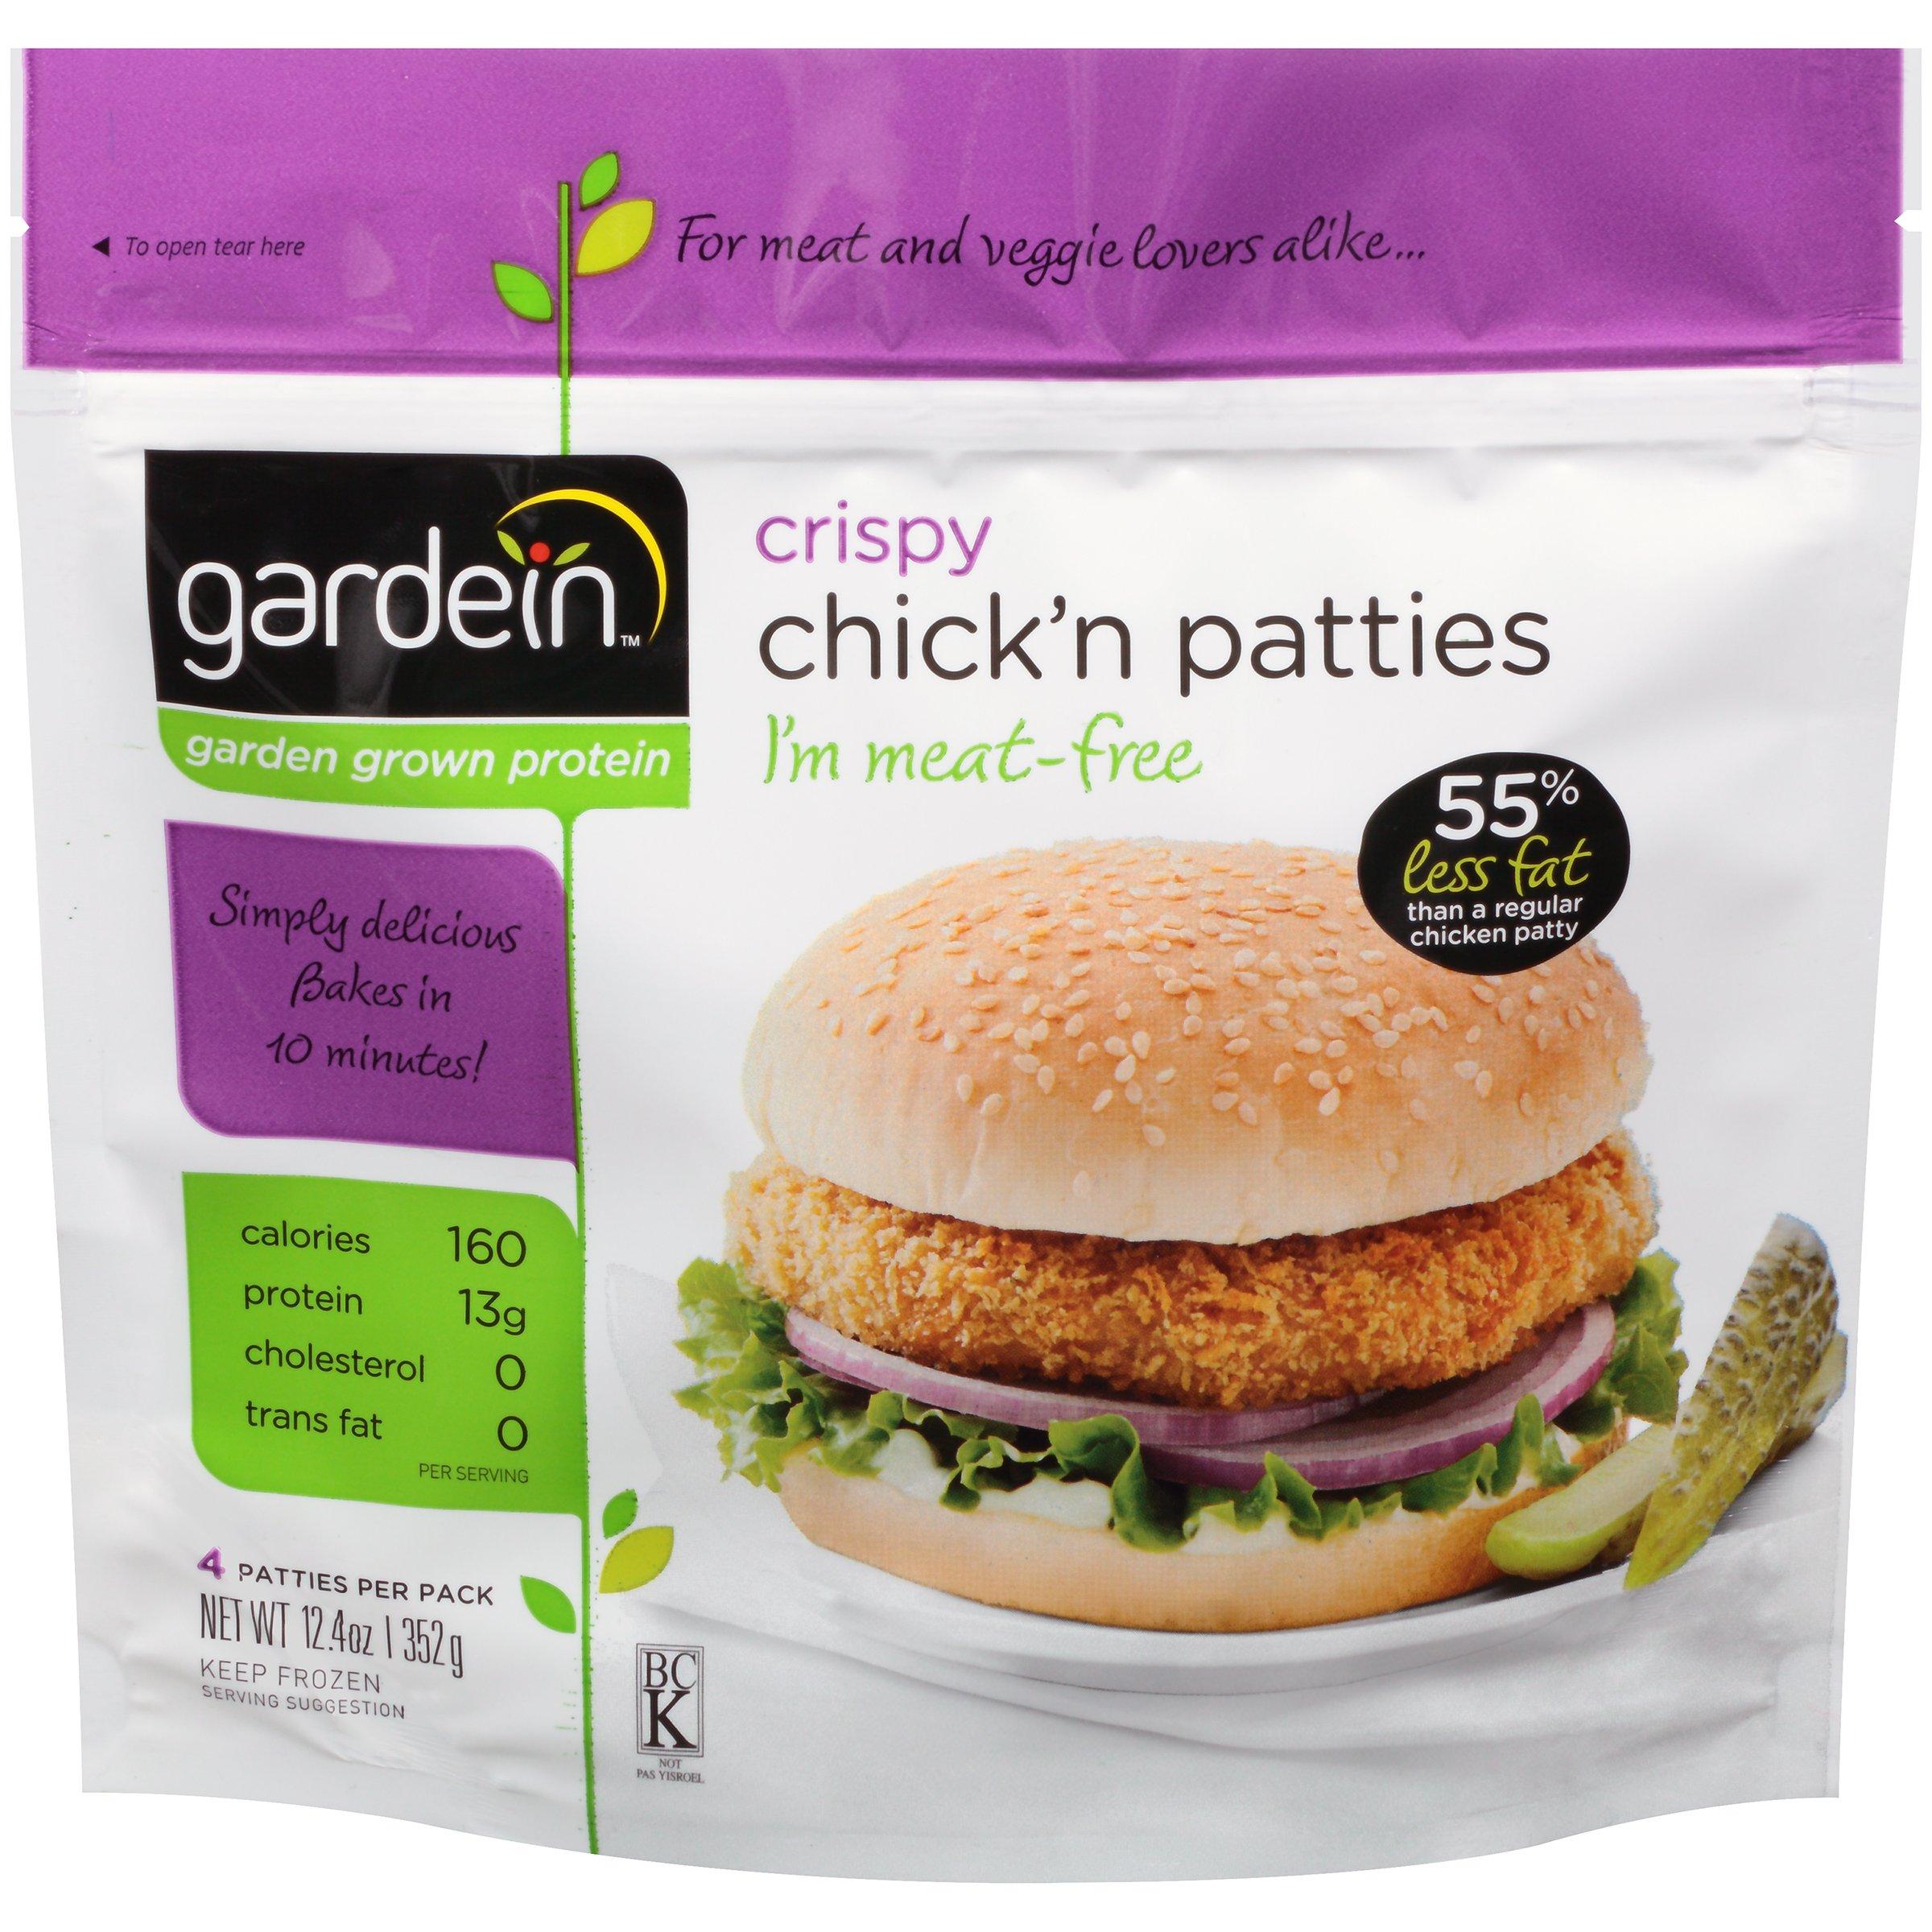 Gardein Meat Free & Vegan Crispy Chick'n Patties 12.4 oz, Pack of 8